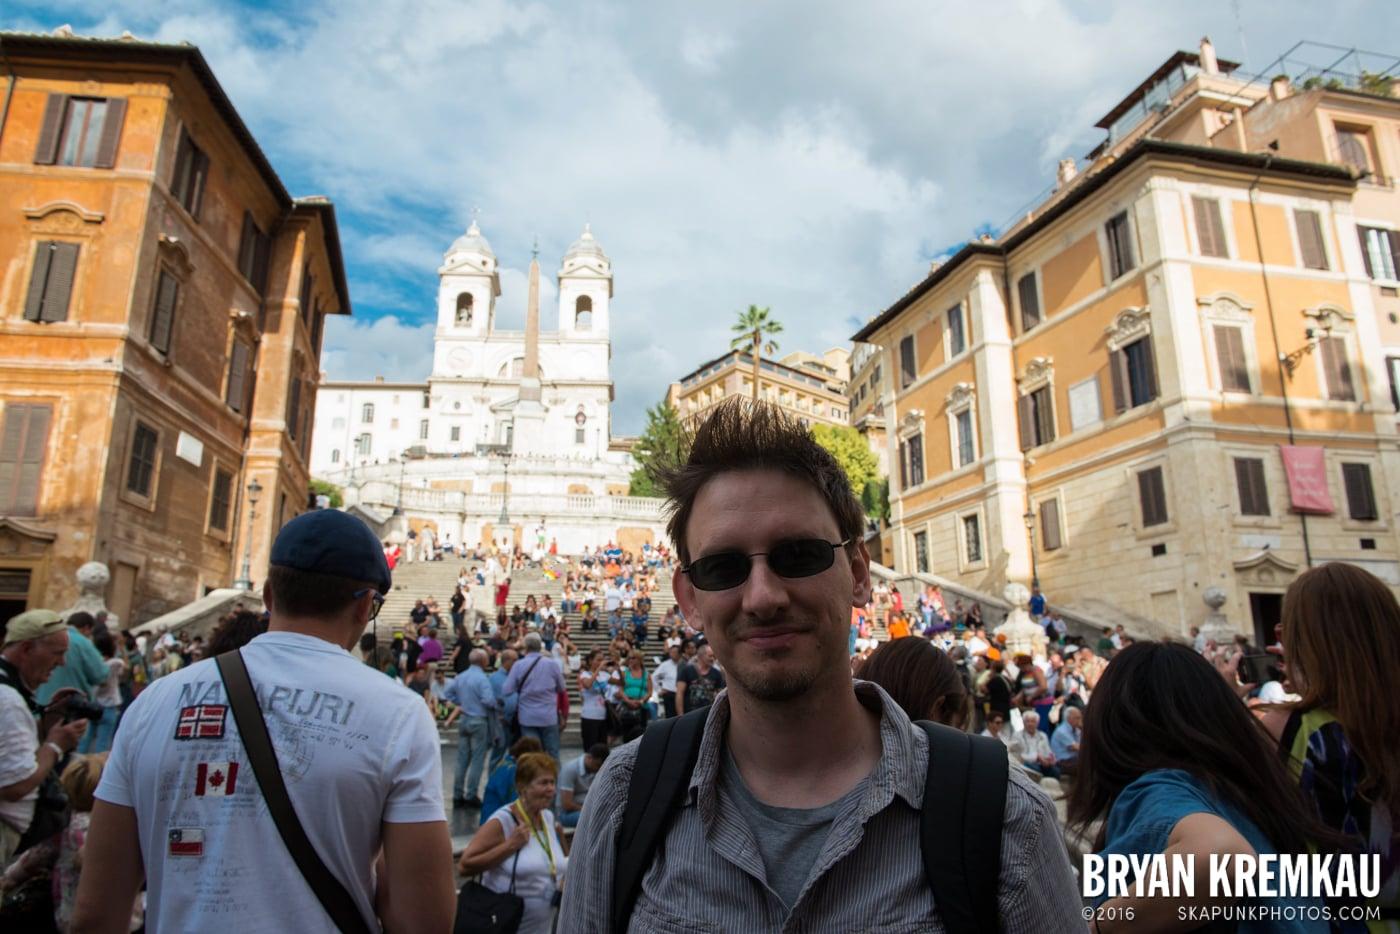 Italy Vacation - Day 3: Rome - 9.11.13 (20)